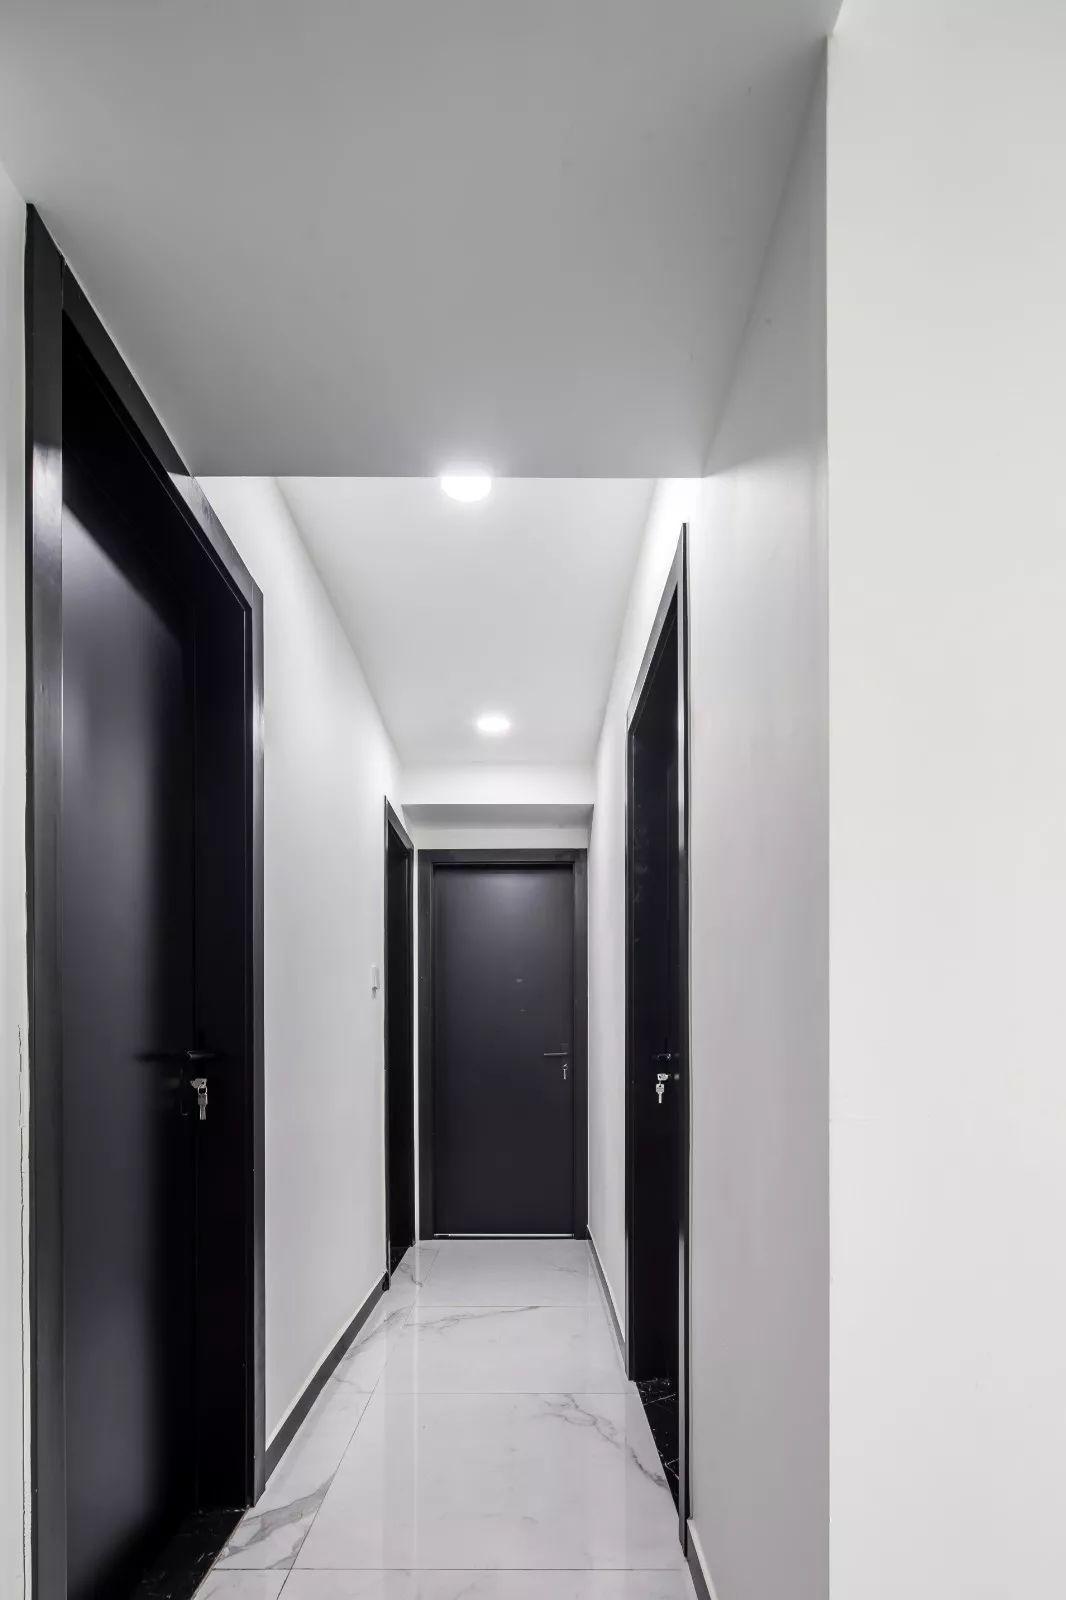 走廊雅致的白色大理石地砖,纯净的墙面,搭配黑色房间门,简洁又时尚.